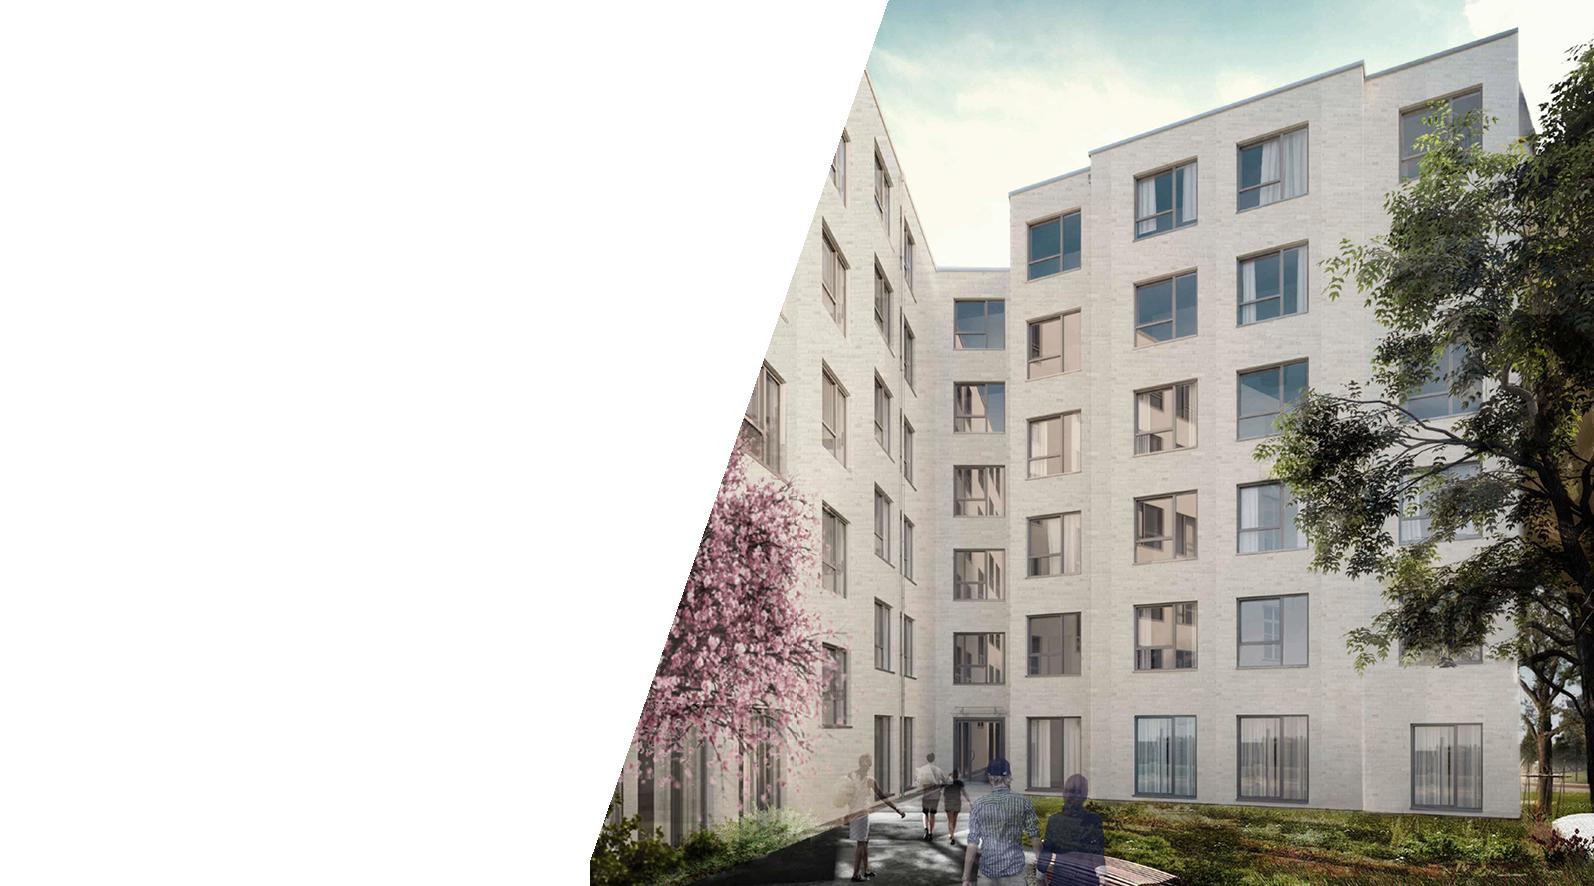 Unsere Übersicht der besten Architekten in Darmstadt. Inklusive Insiderwissen, Erfahrungsberichte und Kontaktdaten.